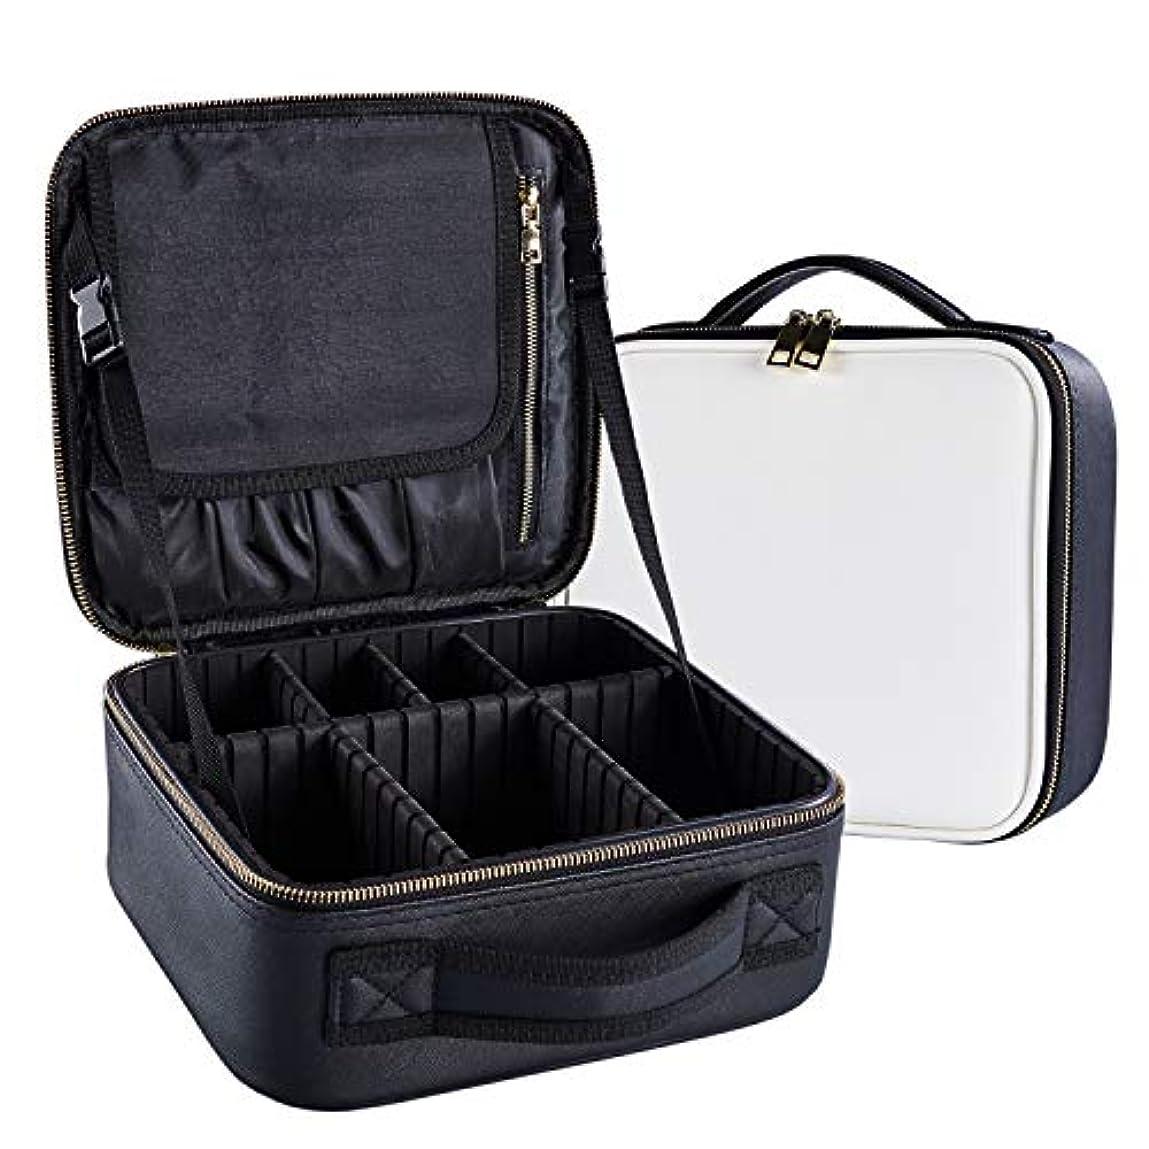 称賛民間舗装ArcEnCiel メイクボックス プロ用 化粧道具 コスメ収納 化粧箱 收納抜群 大容量 メイクアップ ボックス